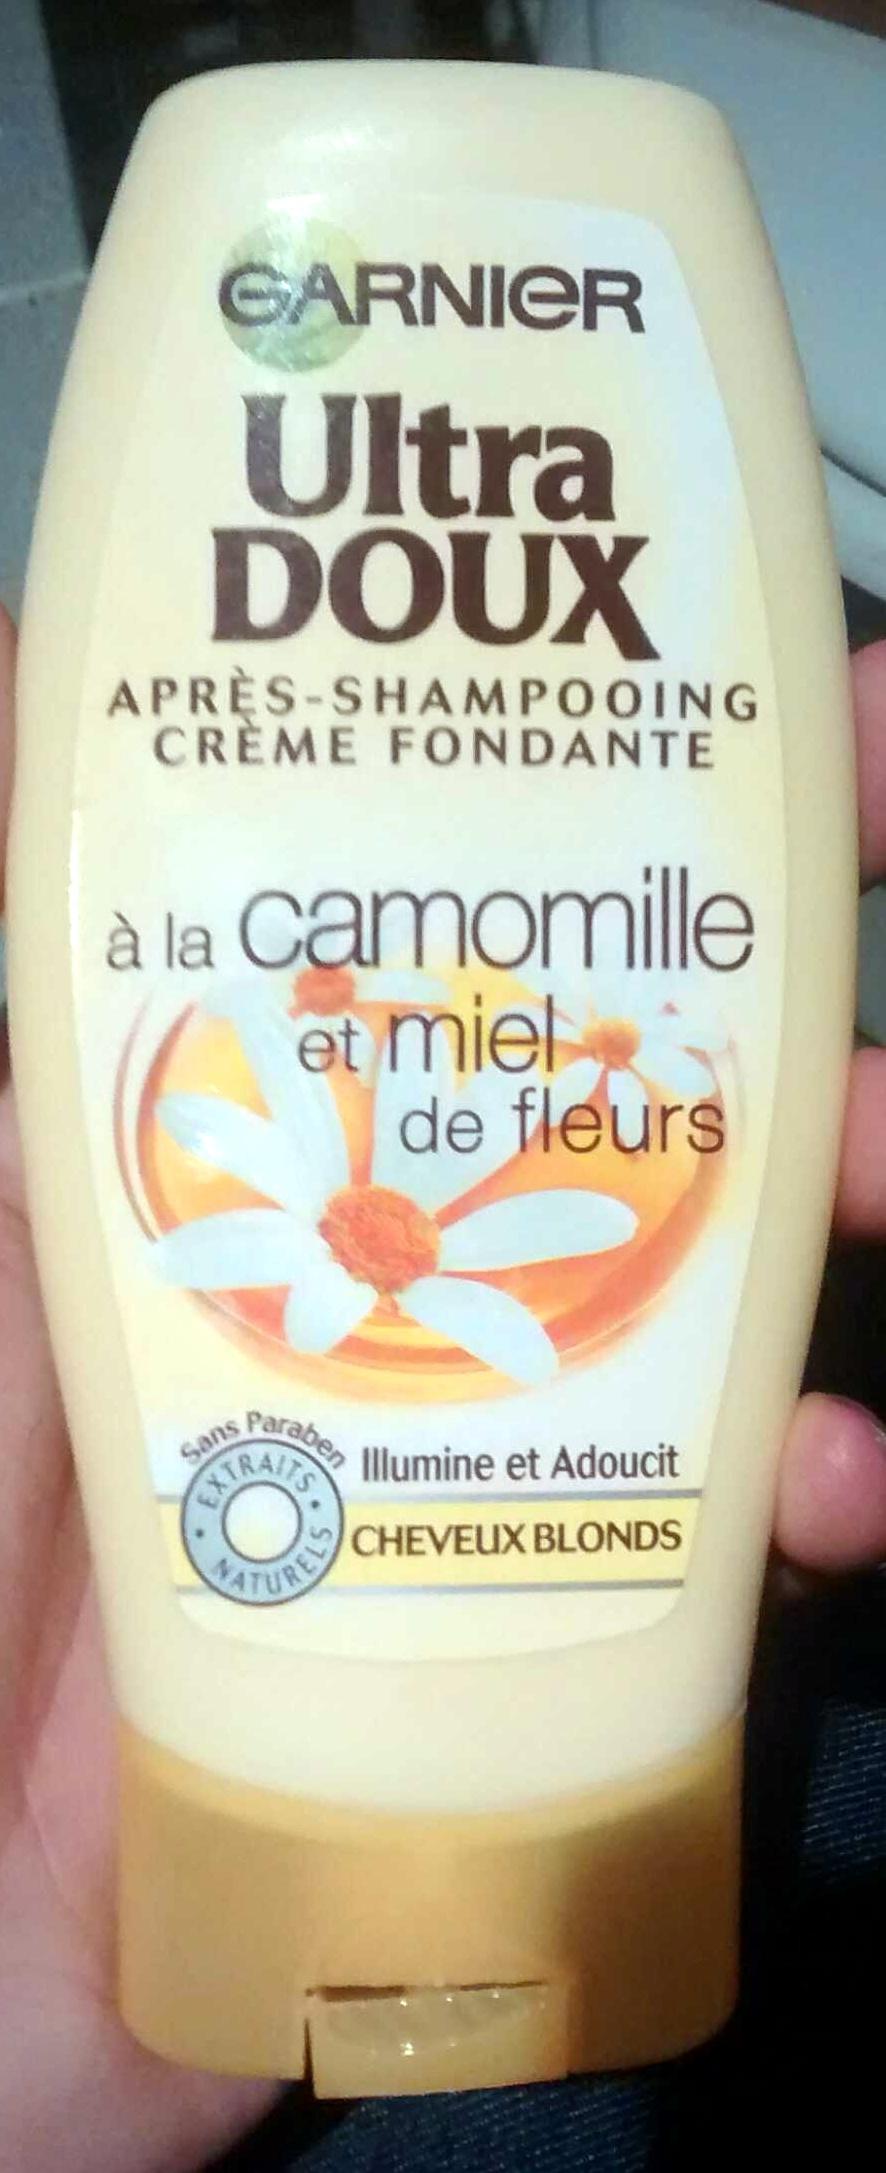 Après-shampooing crème fondante à la camomille et miel de fleurs - Product